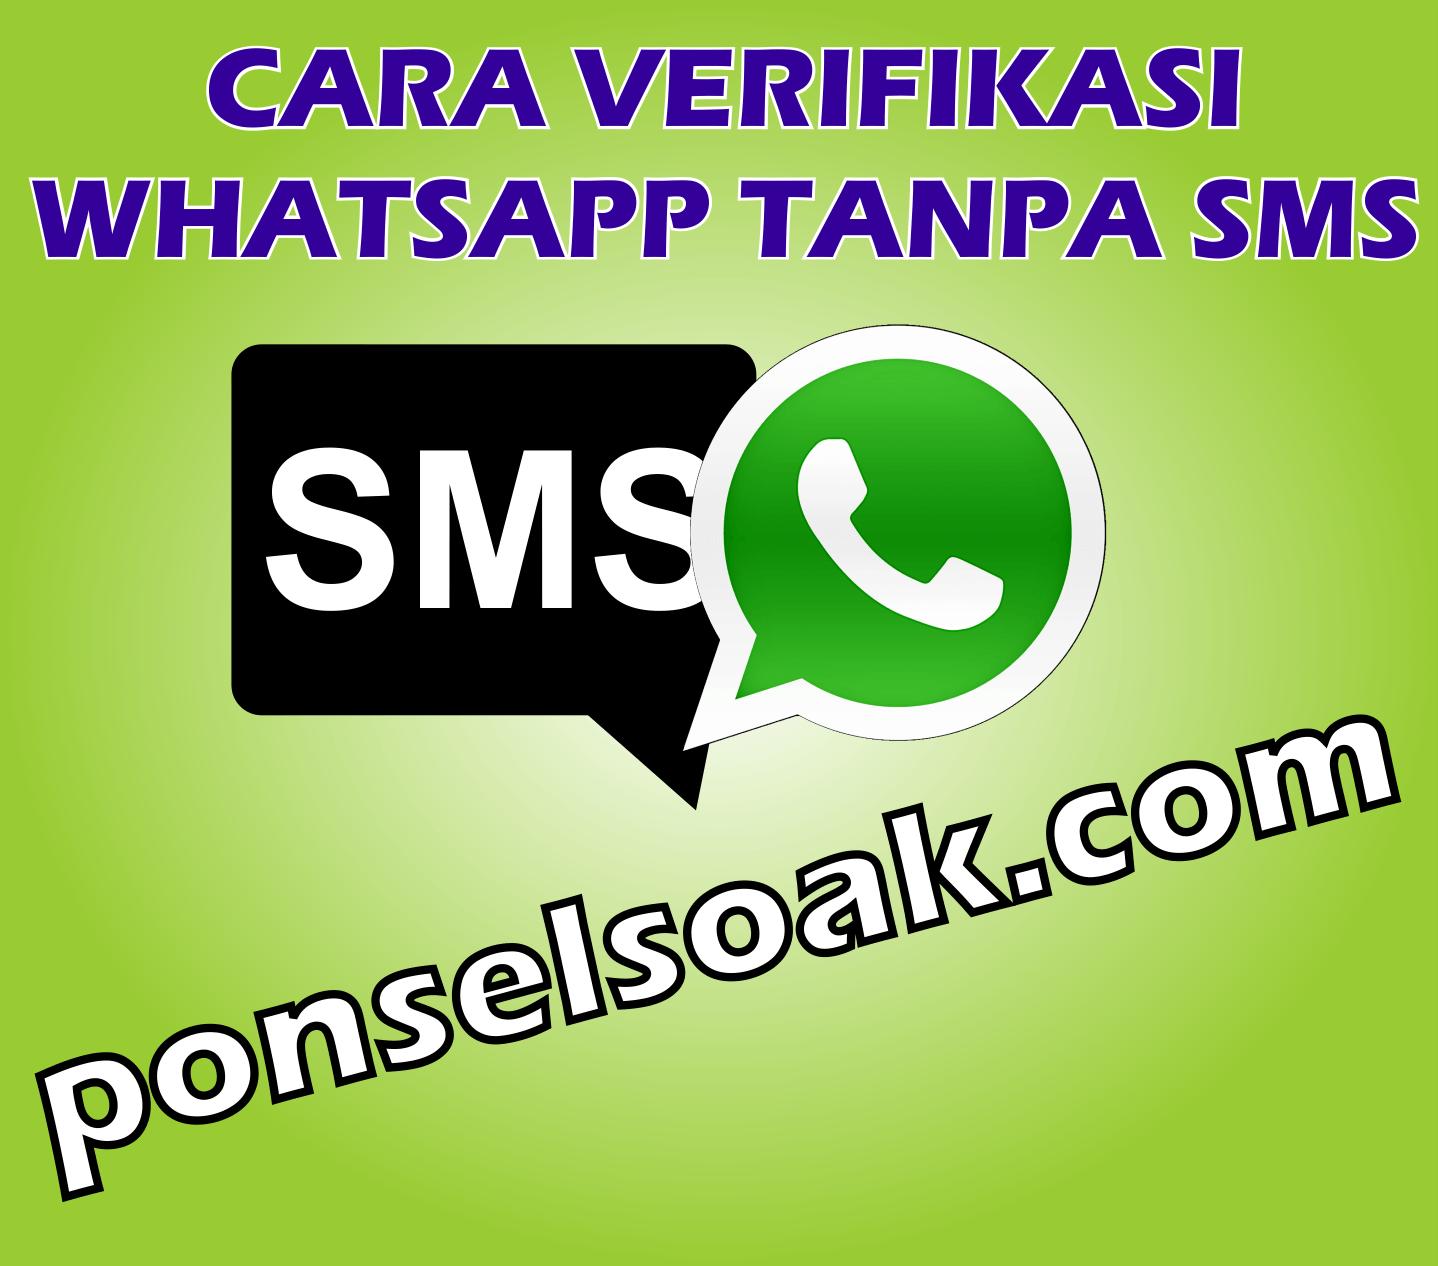 Cara Verifikasi Whtasapp Tanpa SMS